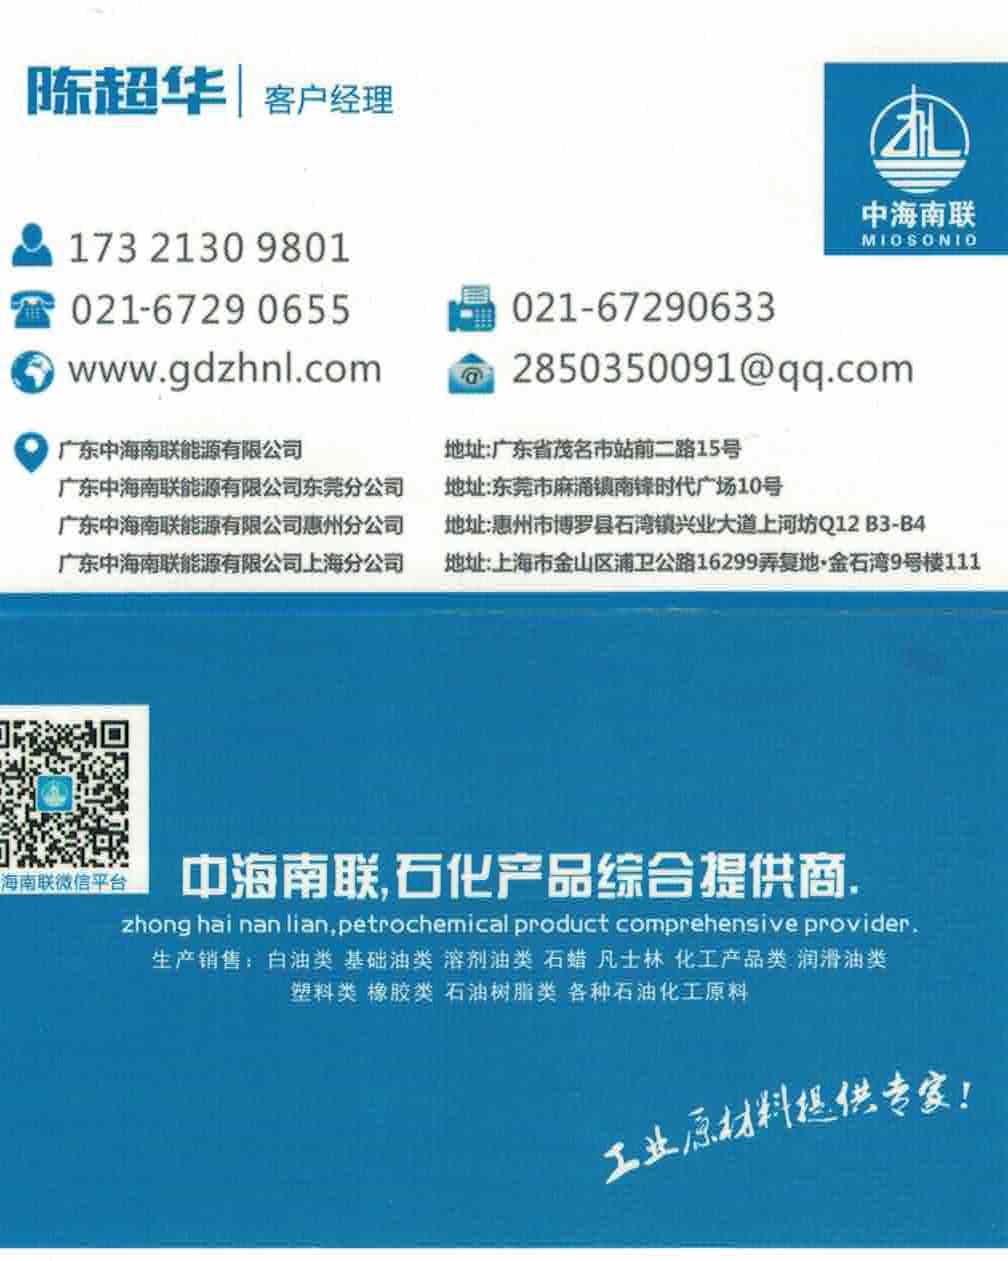 溶剂油哪家好江苏苏州D65溶剂油环保能源国标认证